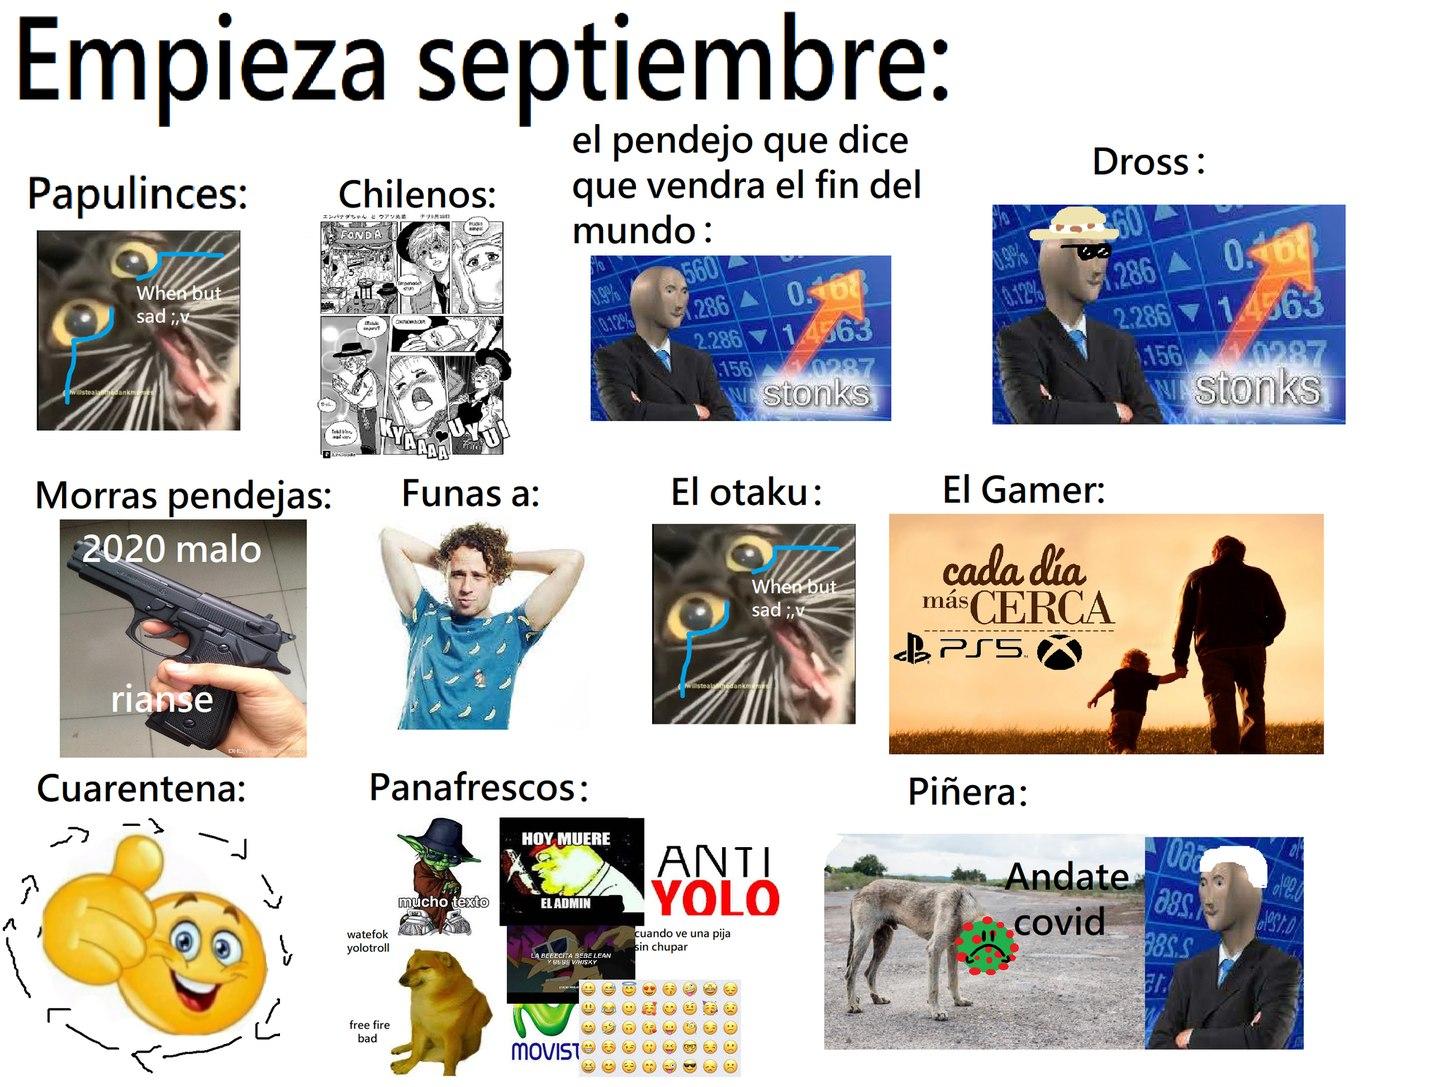 1 de septiembre chavones, perdonen los dibujos pal culo - meme